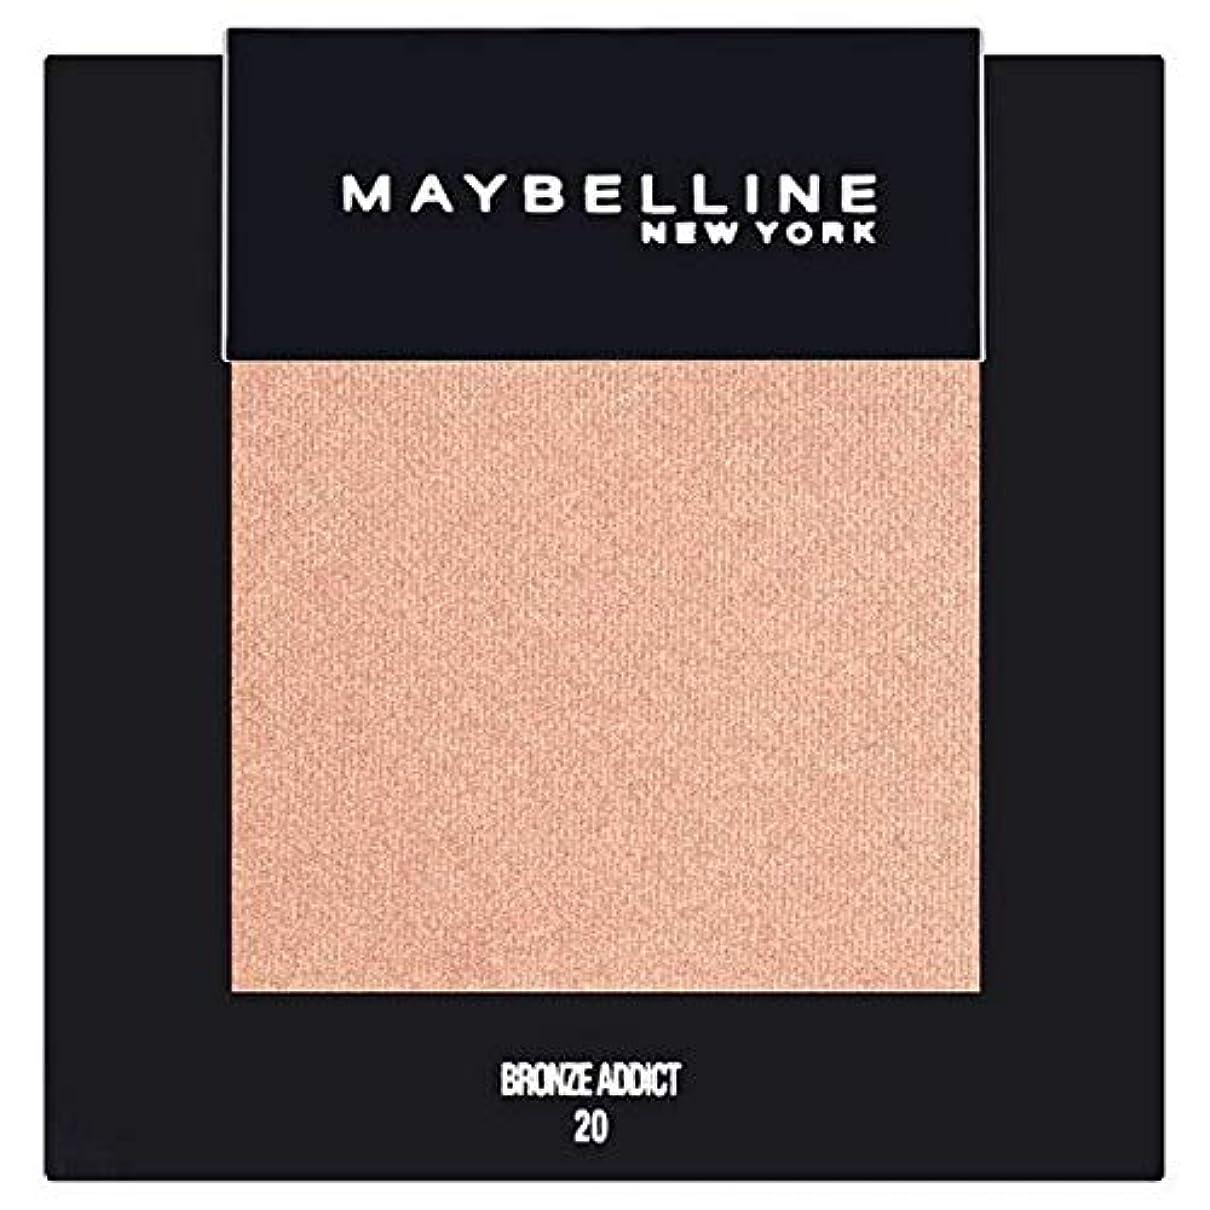 気づかない強風無し[Maybelline ] メイベリンカラーショーシングルアイシャドウ20ブロンズ - Maybelline Color Show Single Eyeshadow 20 Bronze [並行輸入品]